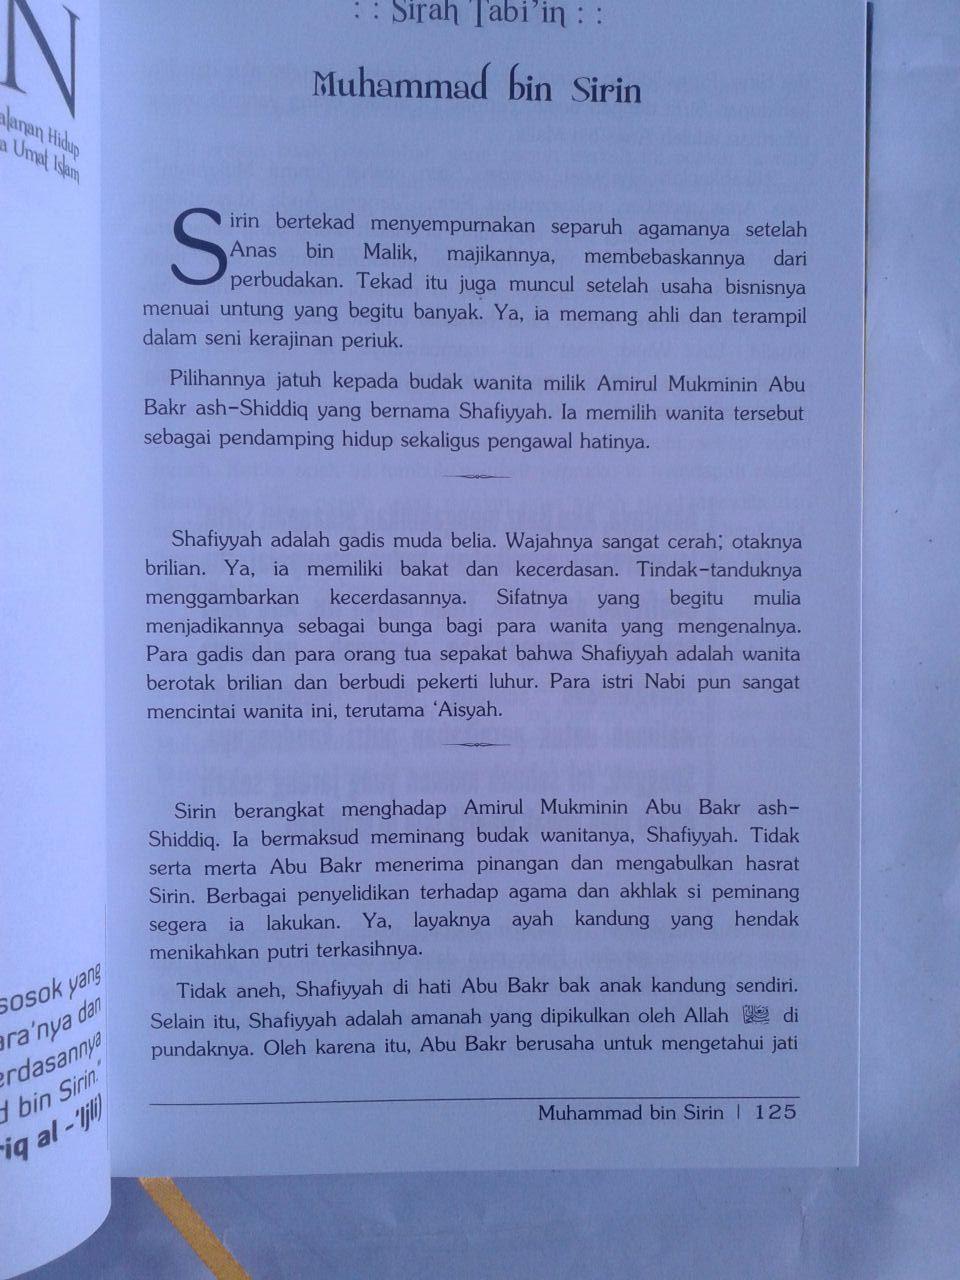 Buku Sirah Tabiin isi